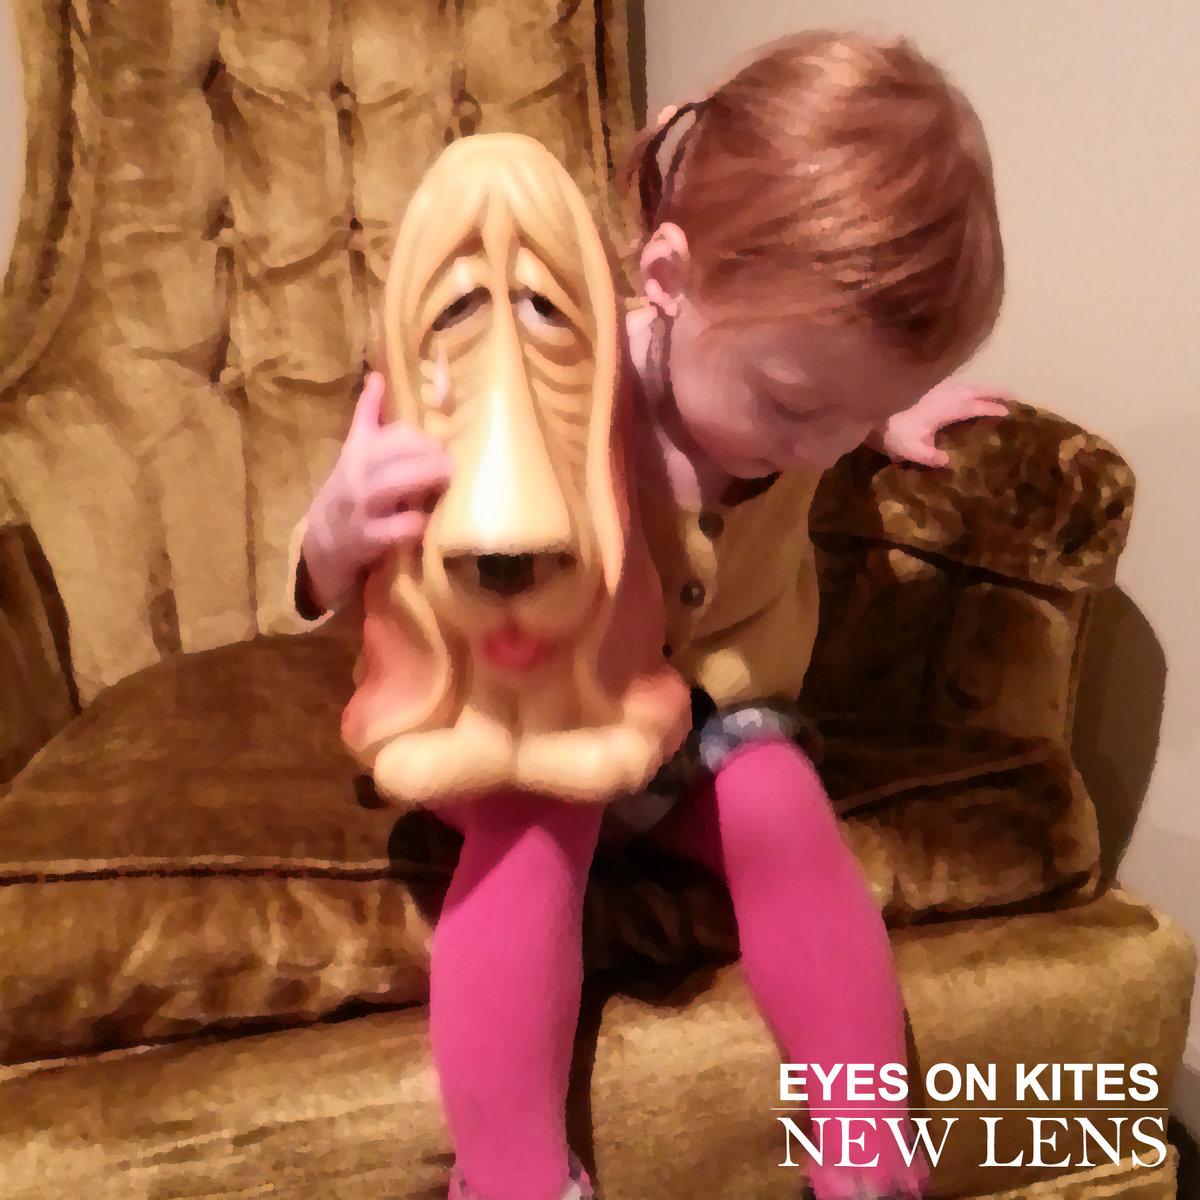 Eyes on Kites – New Lens